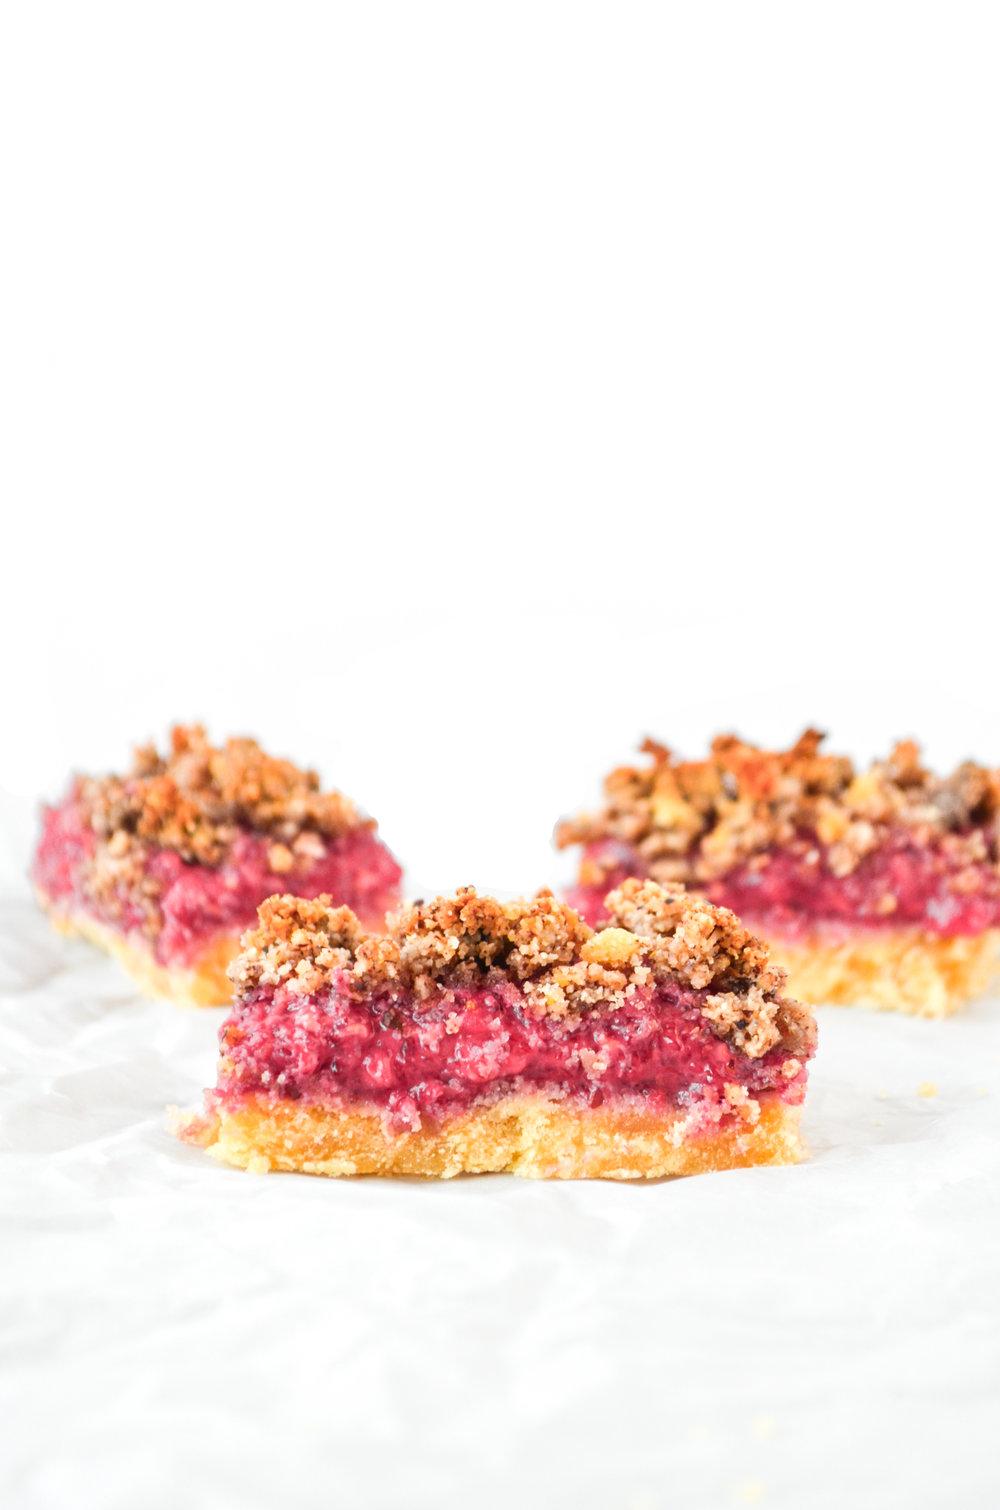 paleo raspberry layered bars // #ShiraRD #paleo #refinedsugarfree #SnacksbyShira